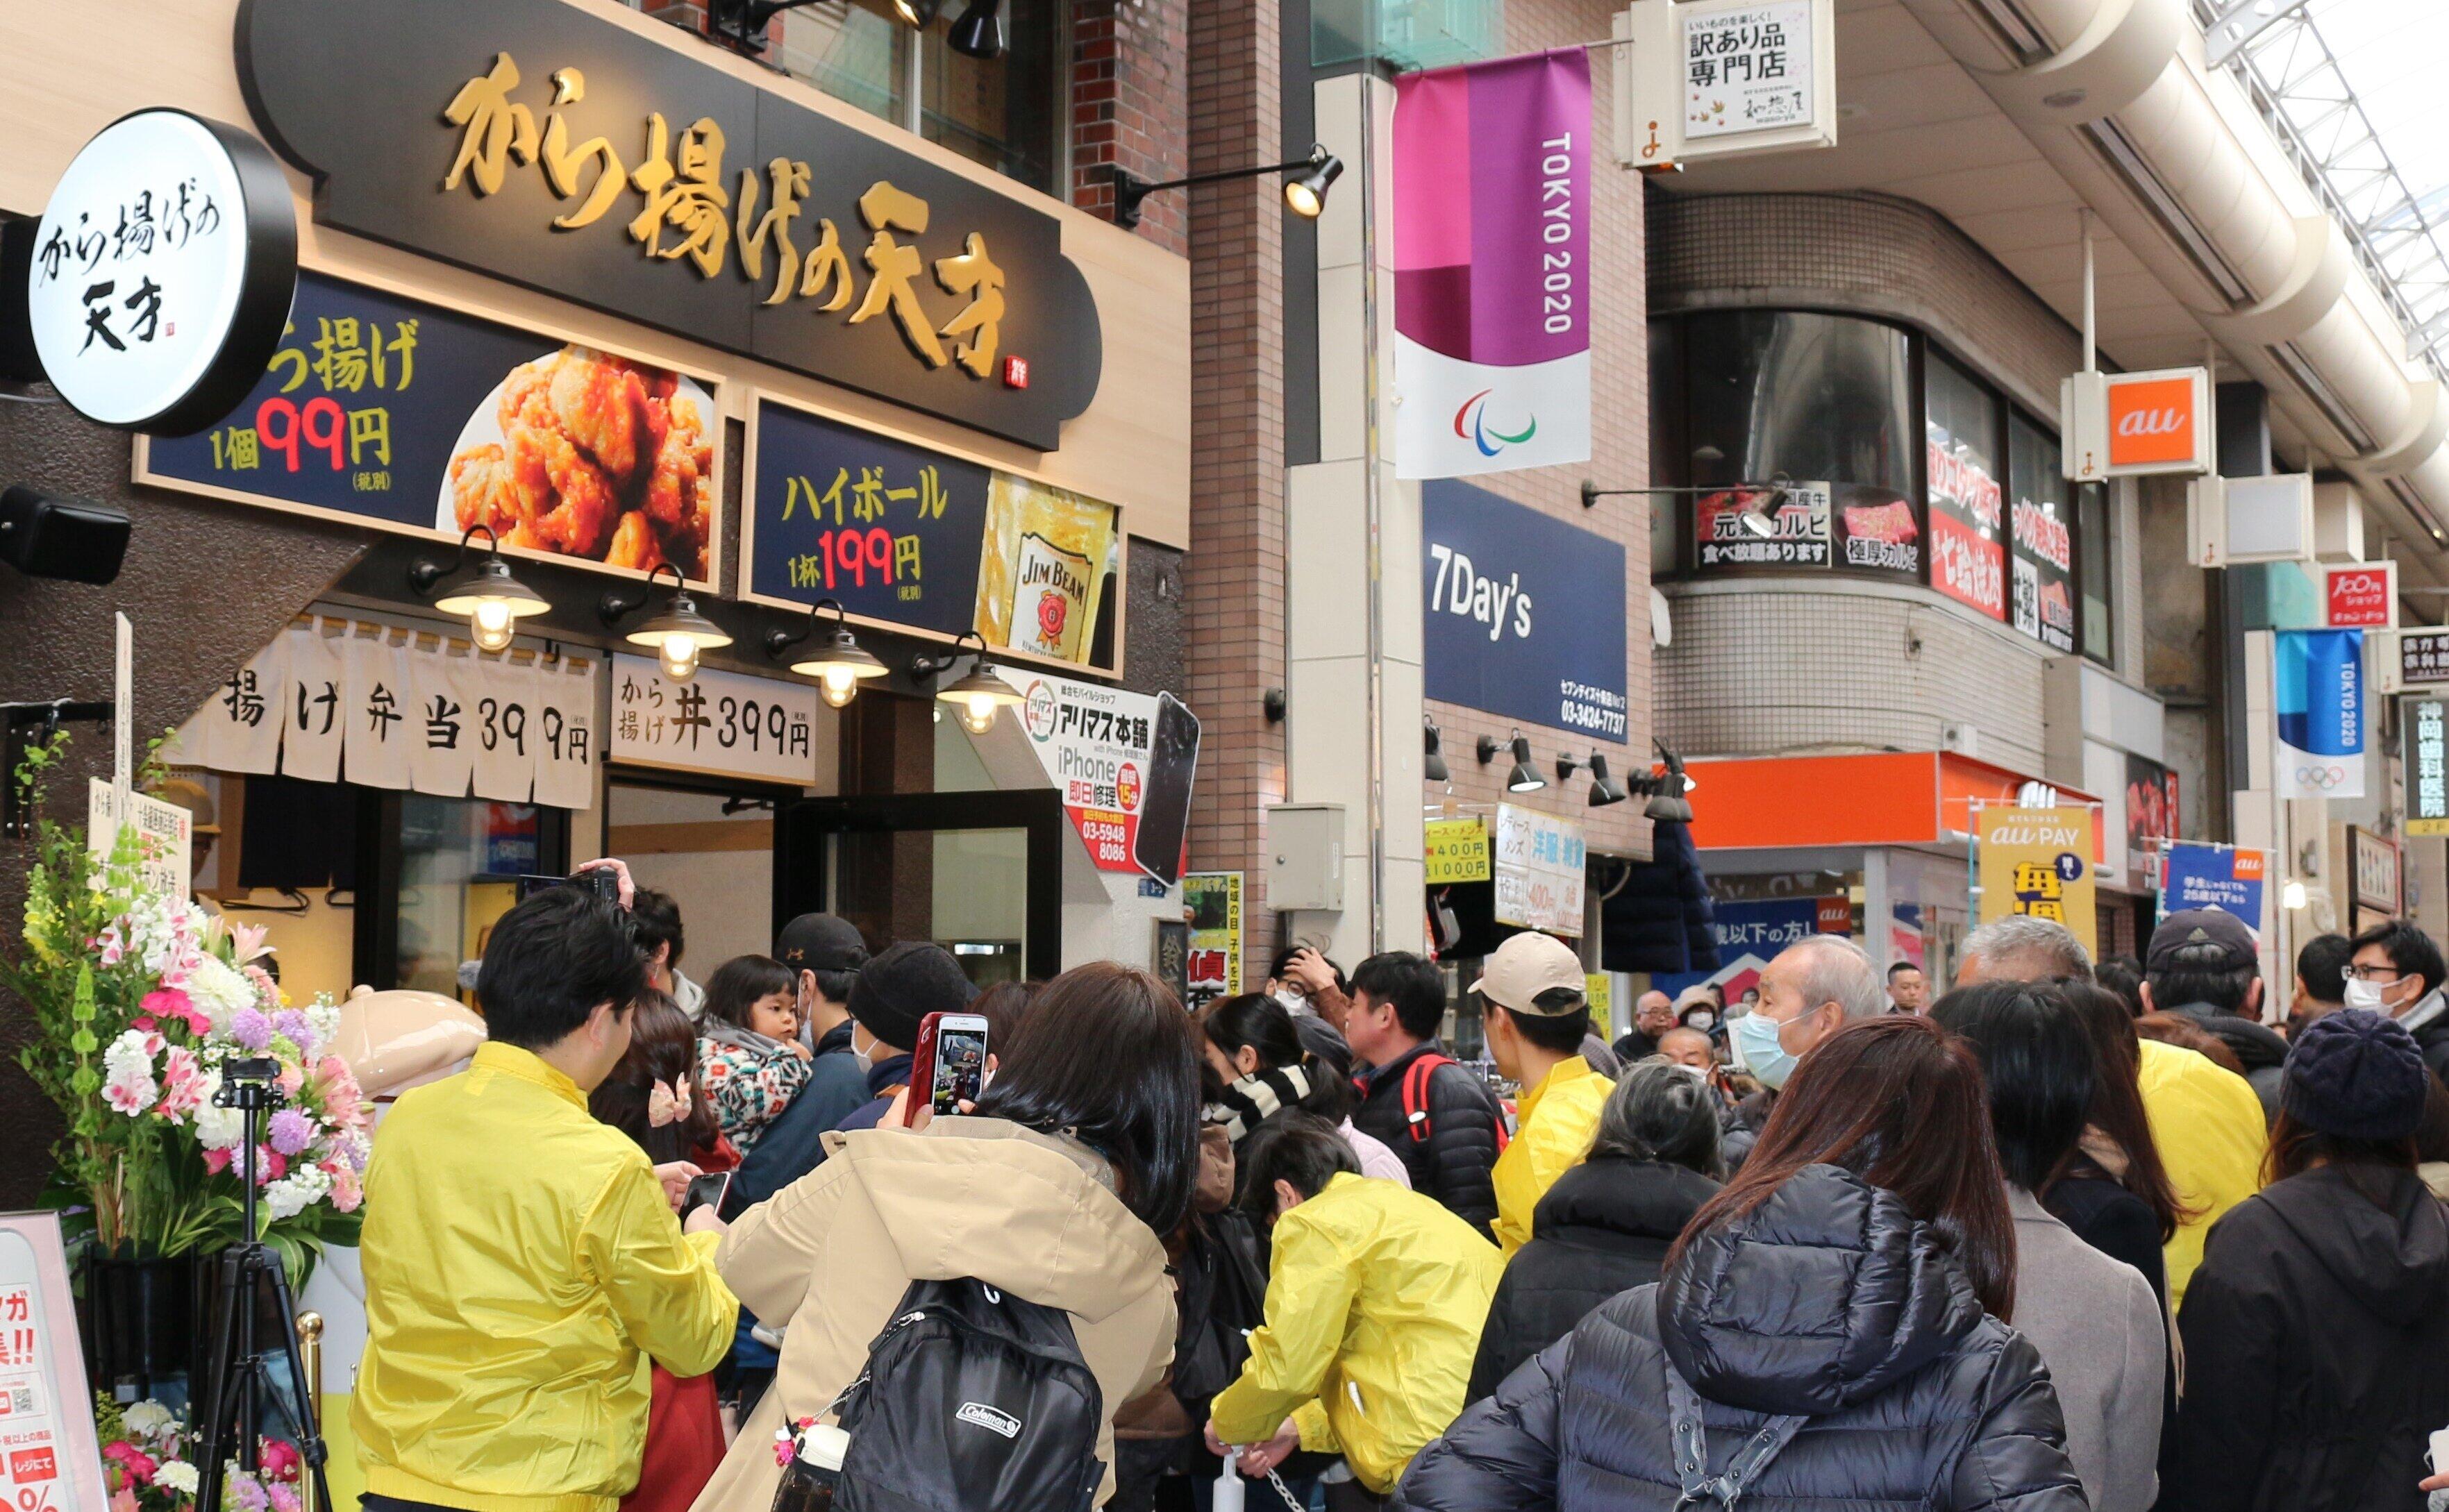 【コロナに勝つ! ニッポンの会社】居酒屋からテイクアウトに軸足 ワタミ「から揚げの天才」FCチェーンを加速